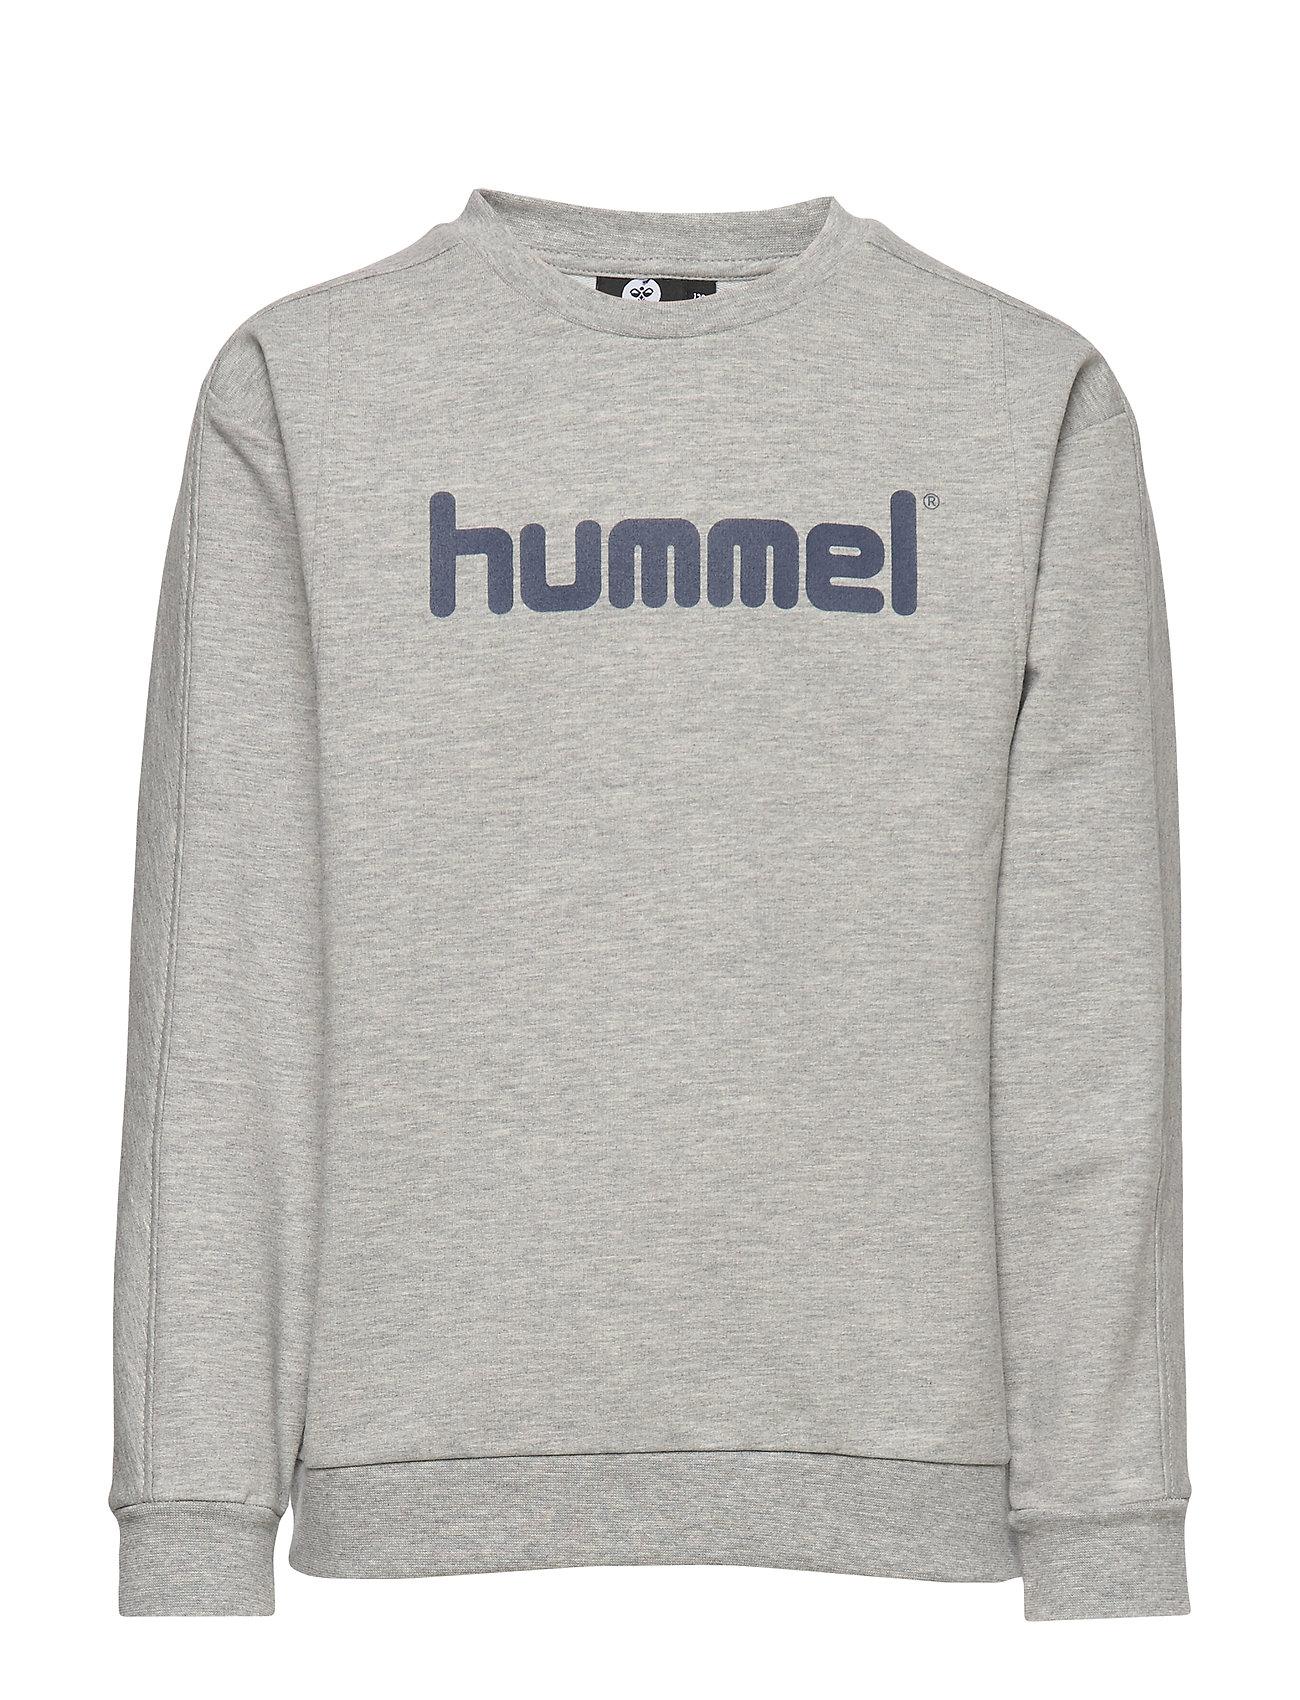 Hummel hmlWARIS SWEATSHIRT - GREY MELANGE